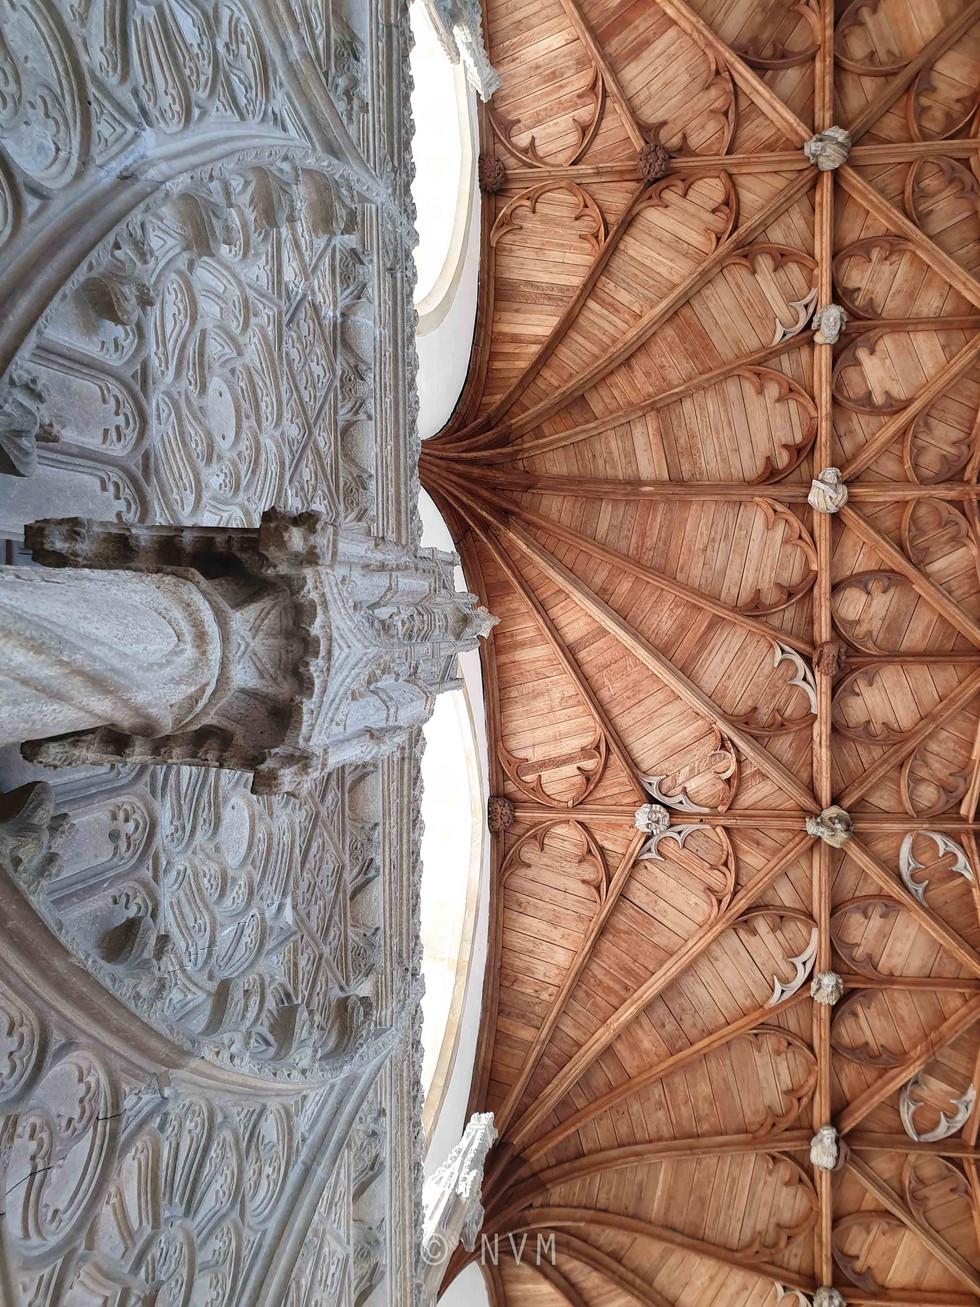 Fitzalan Chapel at Arundel Castle